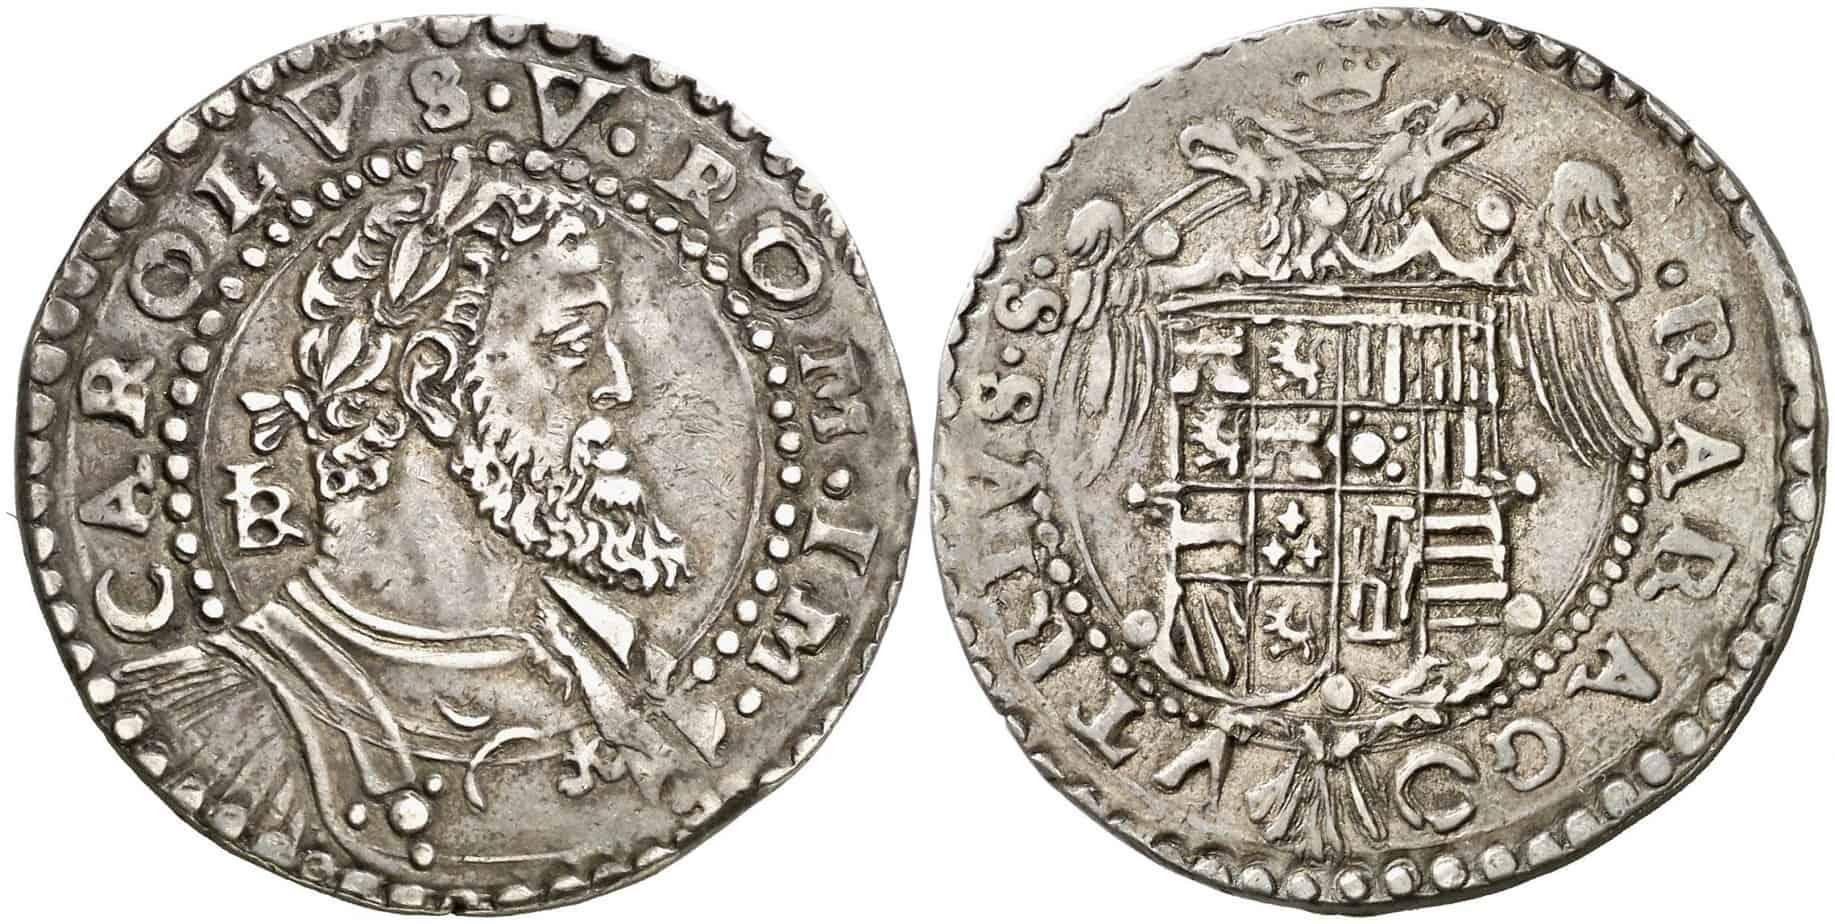 medio escudo de Nápoles